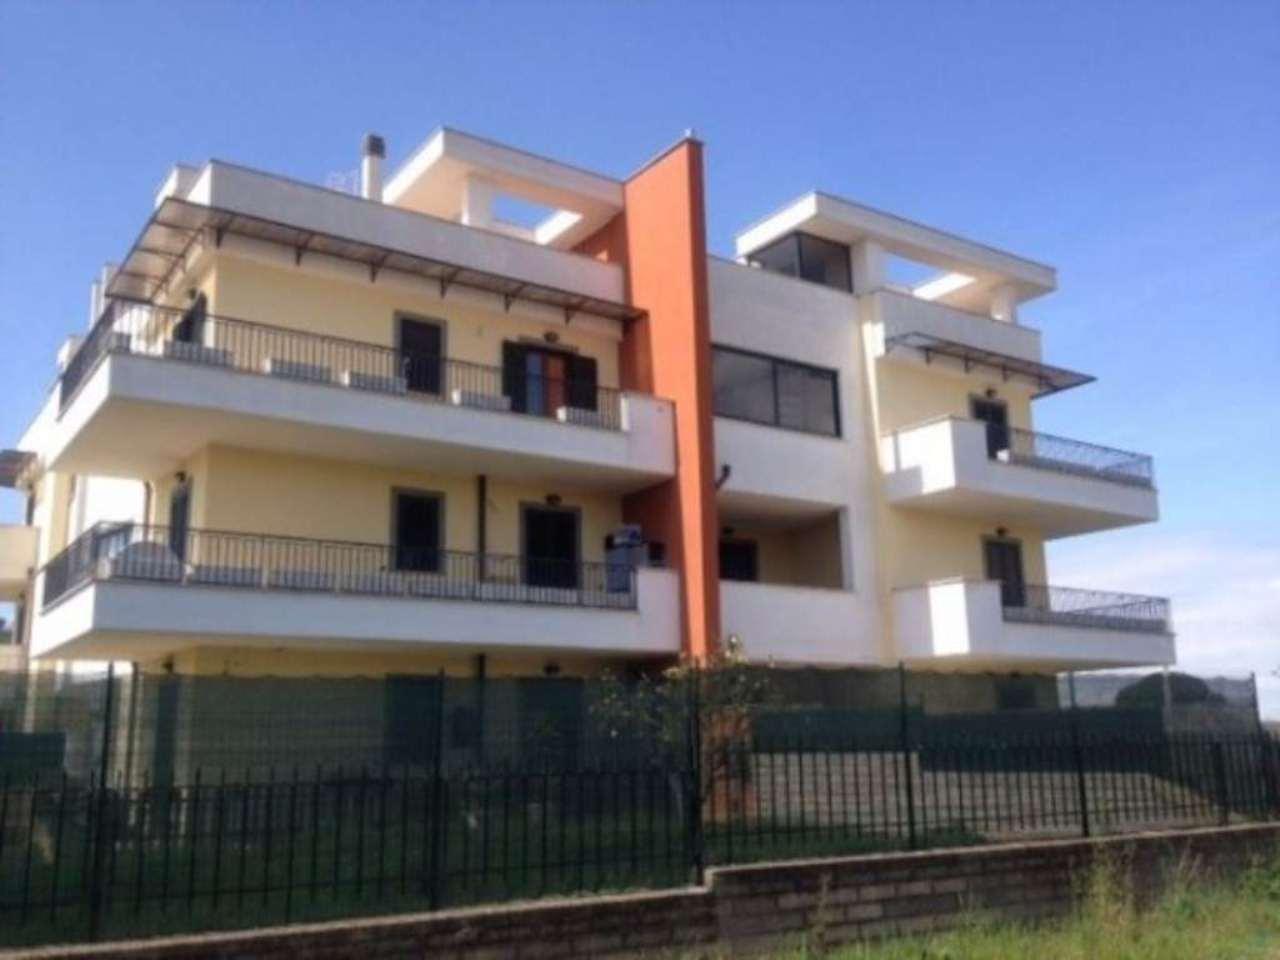 Attico / Mansarda in vendita a Nettuno, 3 locali, prezzo € 105.000 | Cambio Casa.it